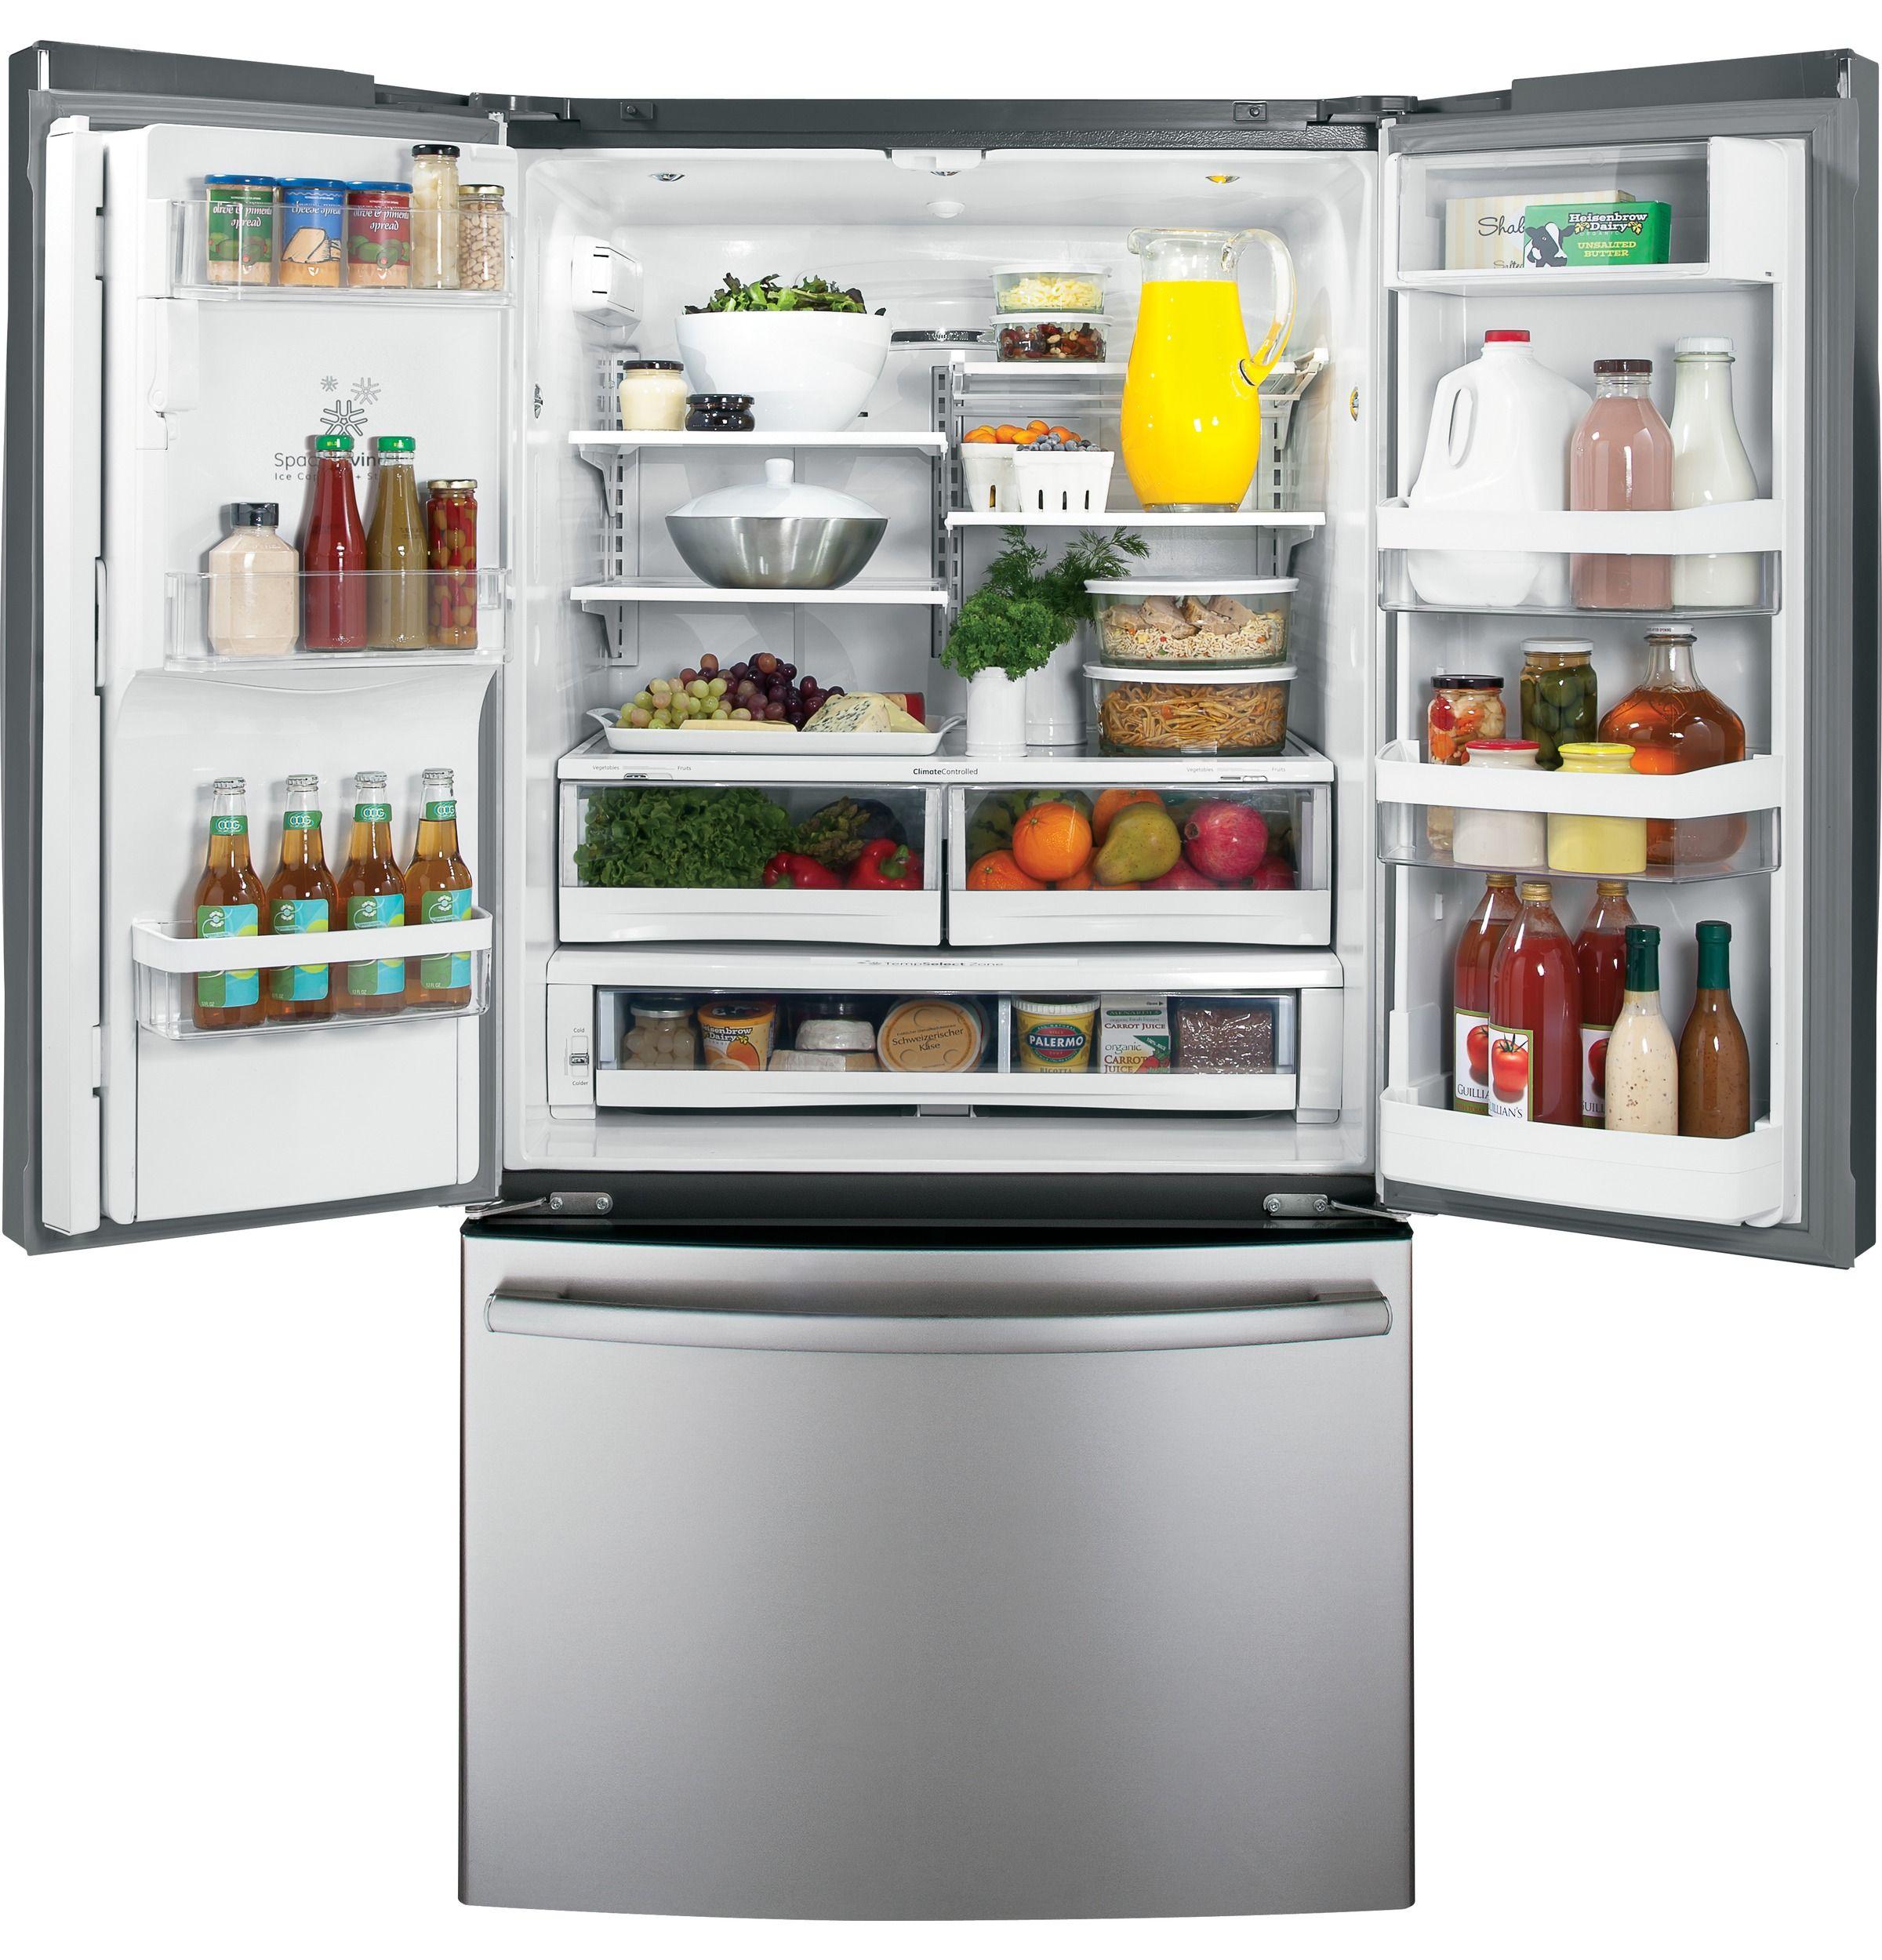 Refrigerator inside google refrigerator inside doors rubansaba